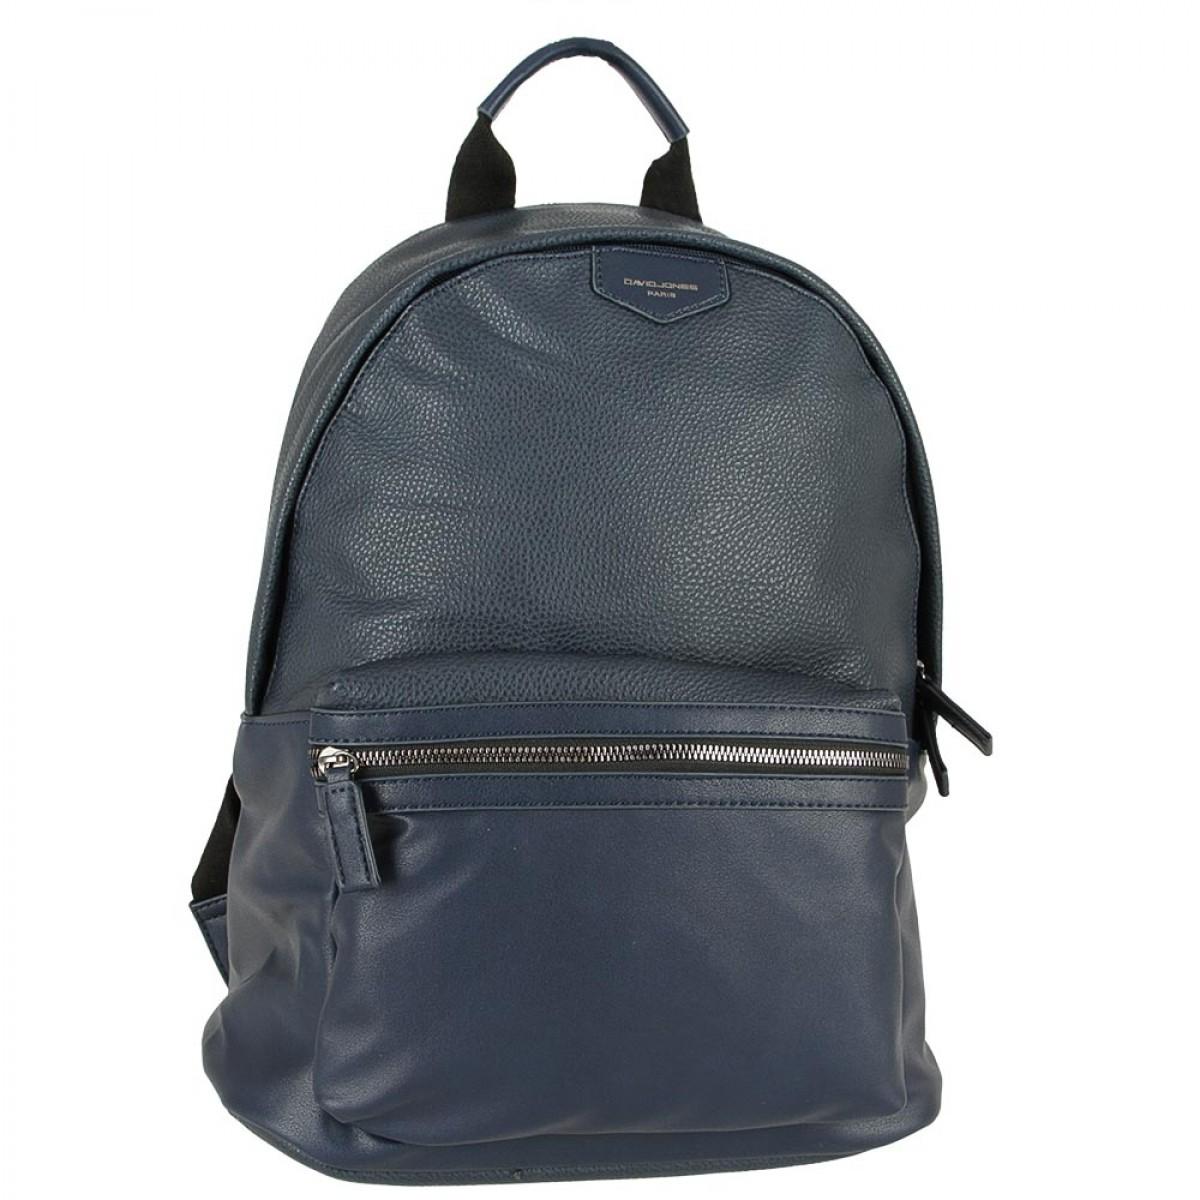 Жіночий рюкзак David Jones CM5394 D.BLUE